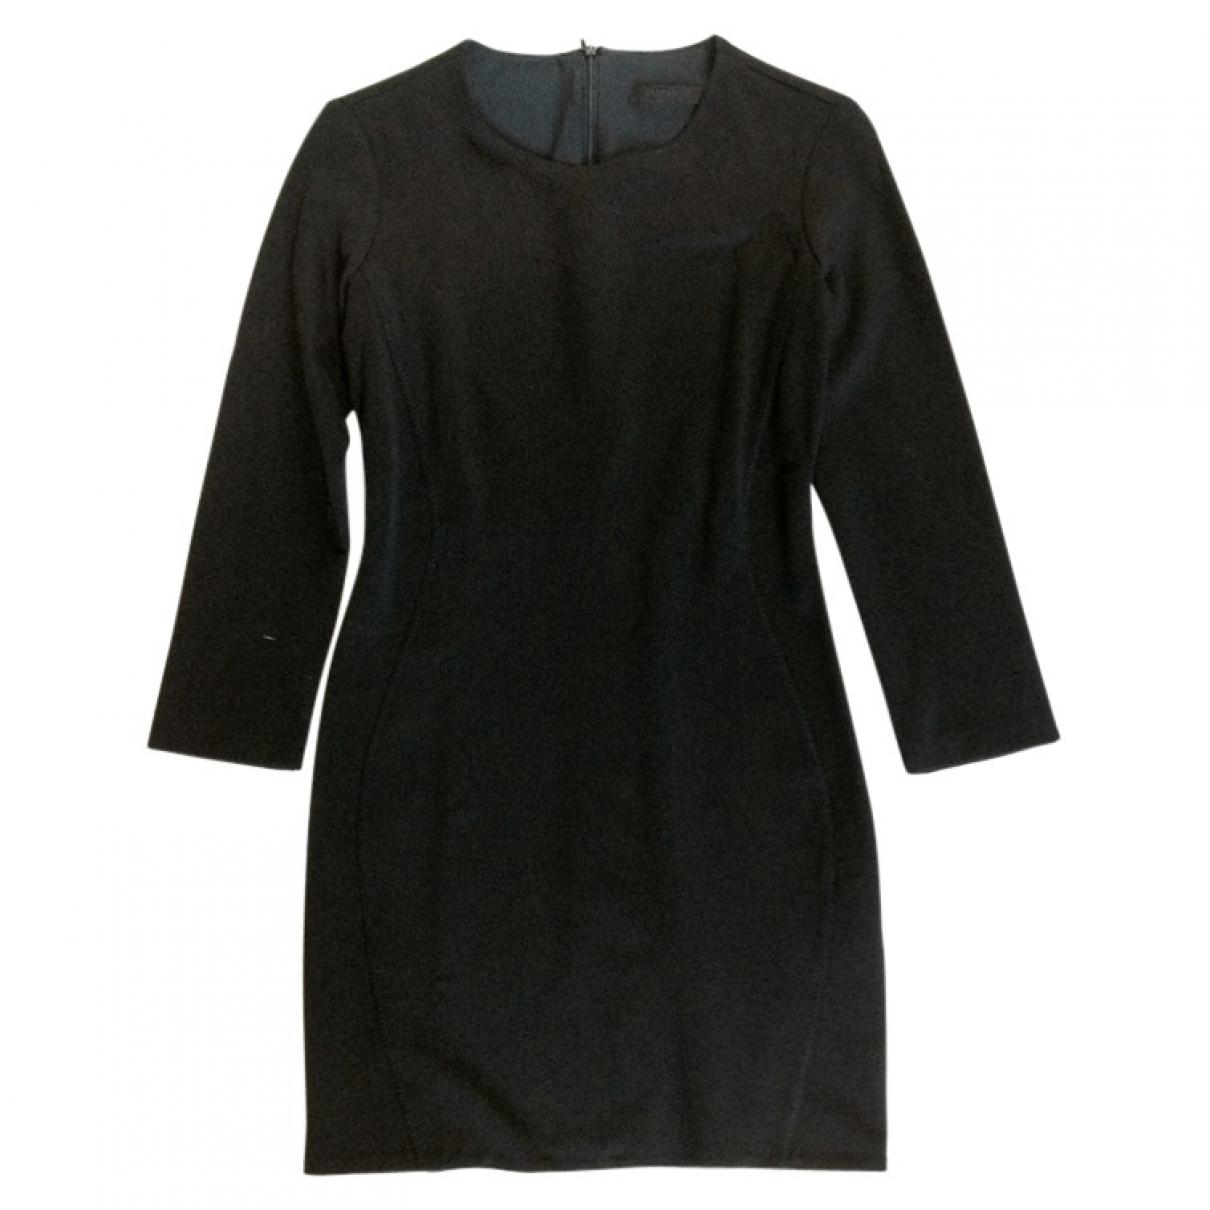 Pinko \N Black dress for Women 42 IT